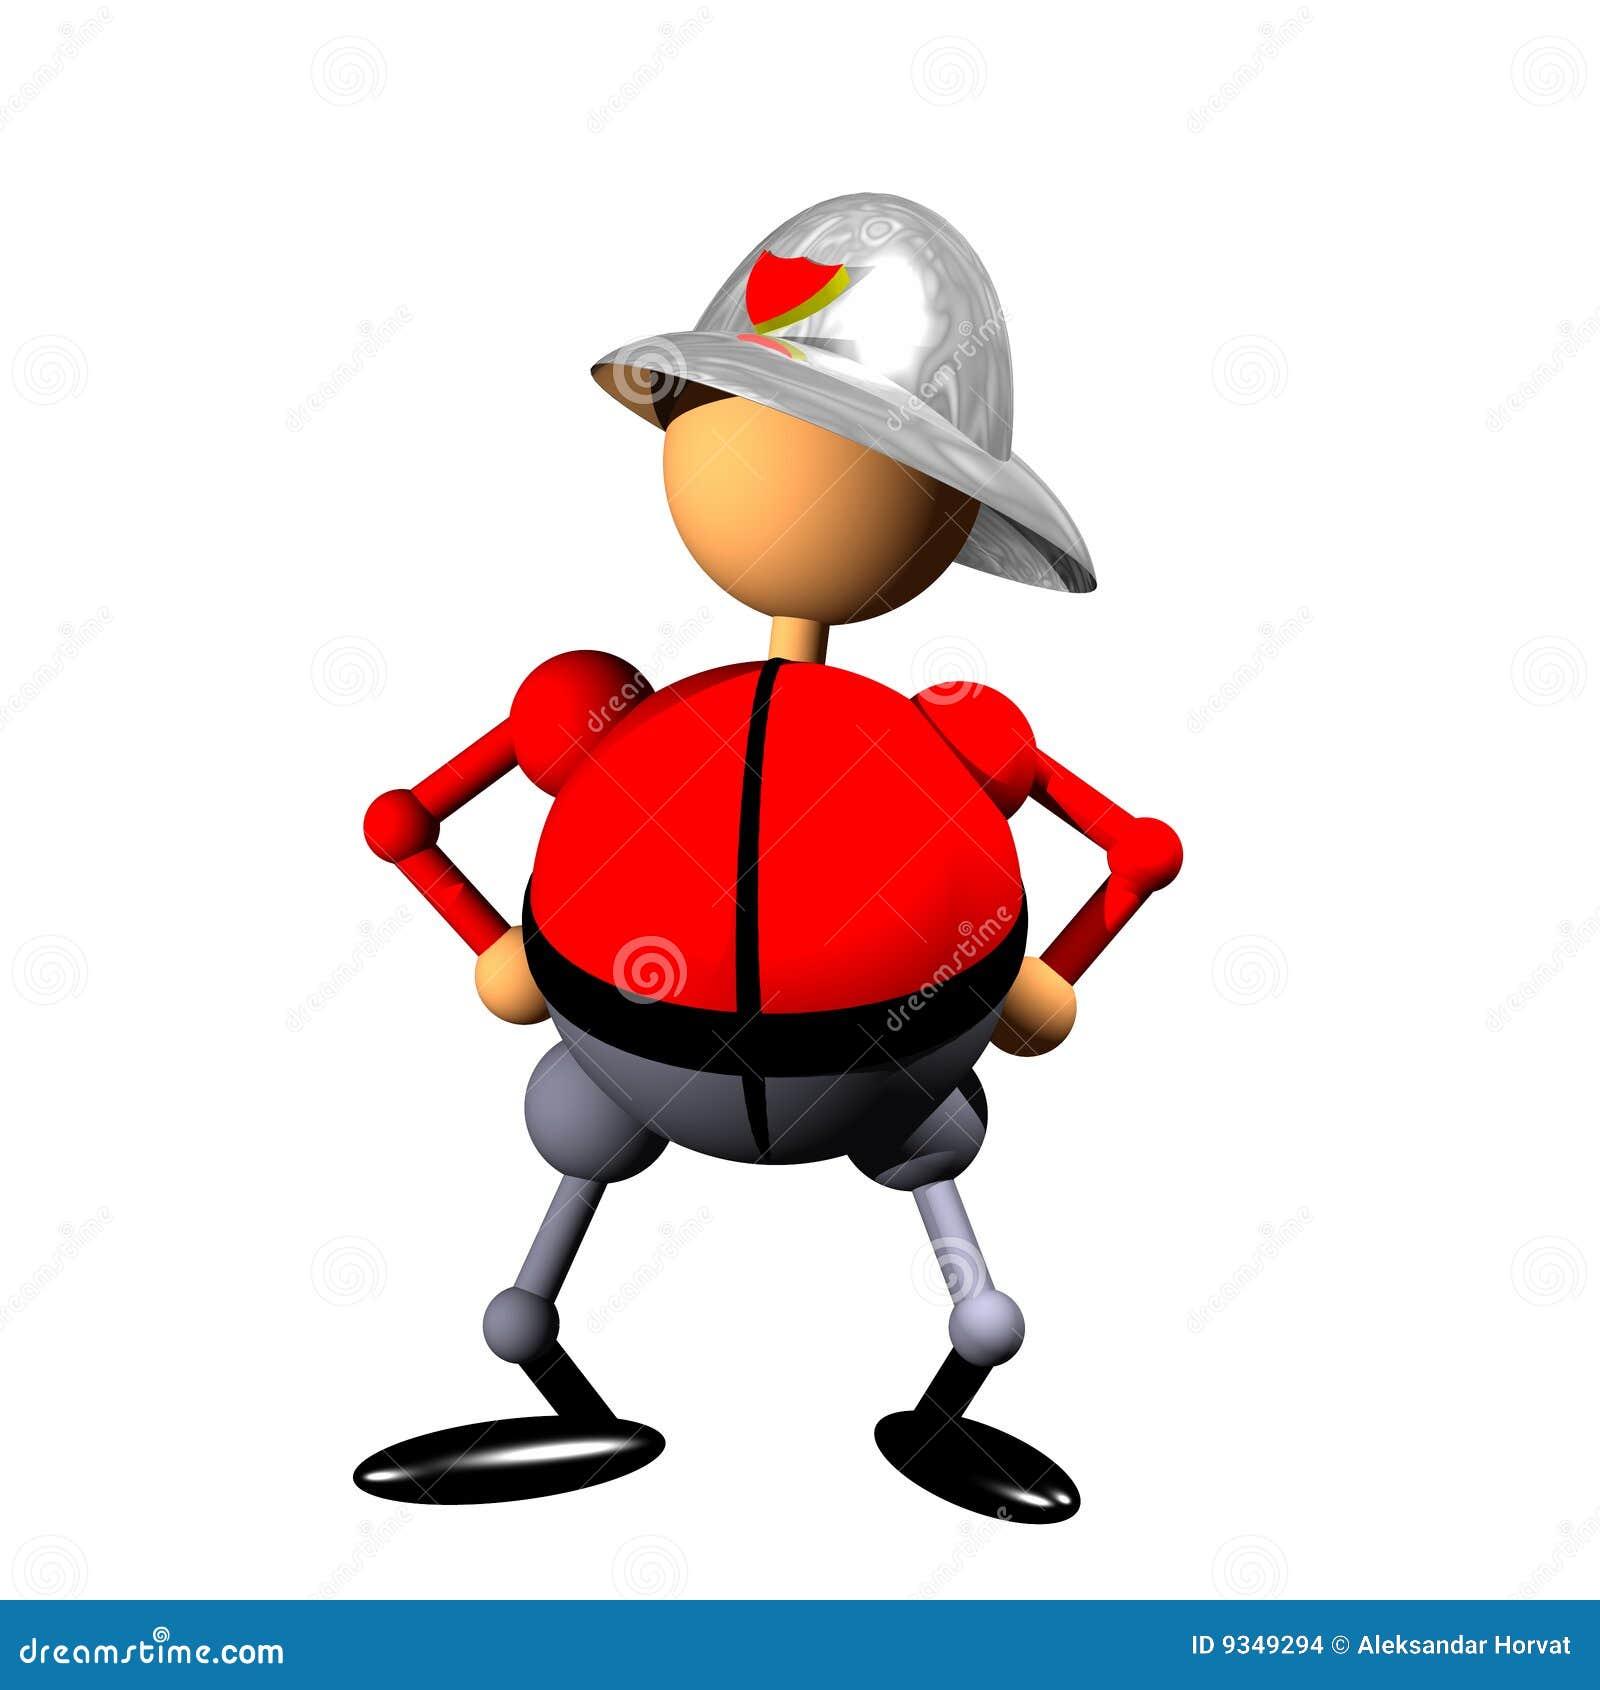 Feuerwehrmann Clipart Stock Abbildung Illustration Von Ikone 9349294